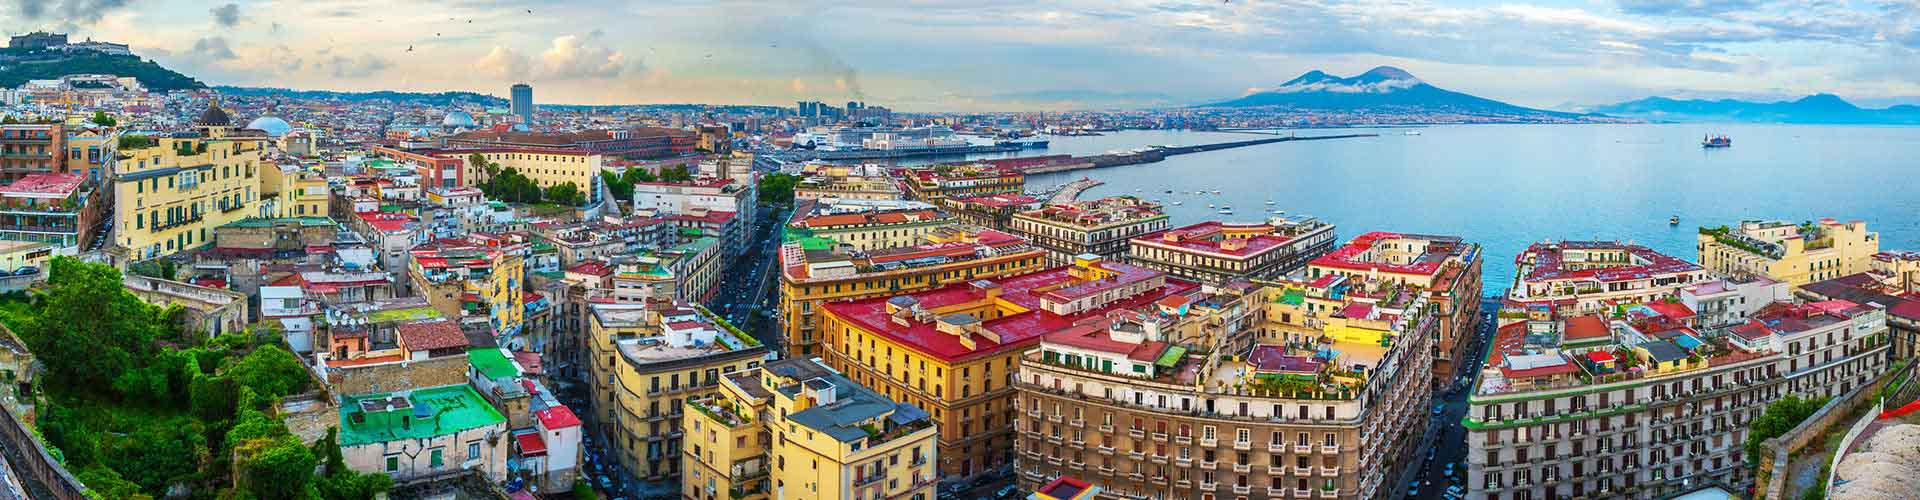 Nápoles - Campamentos en el distrito Stella. Mapas de Nápoles, Fotos y comentarios de cada Campamento en Nápoles.